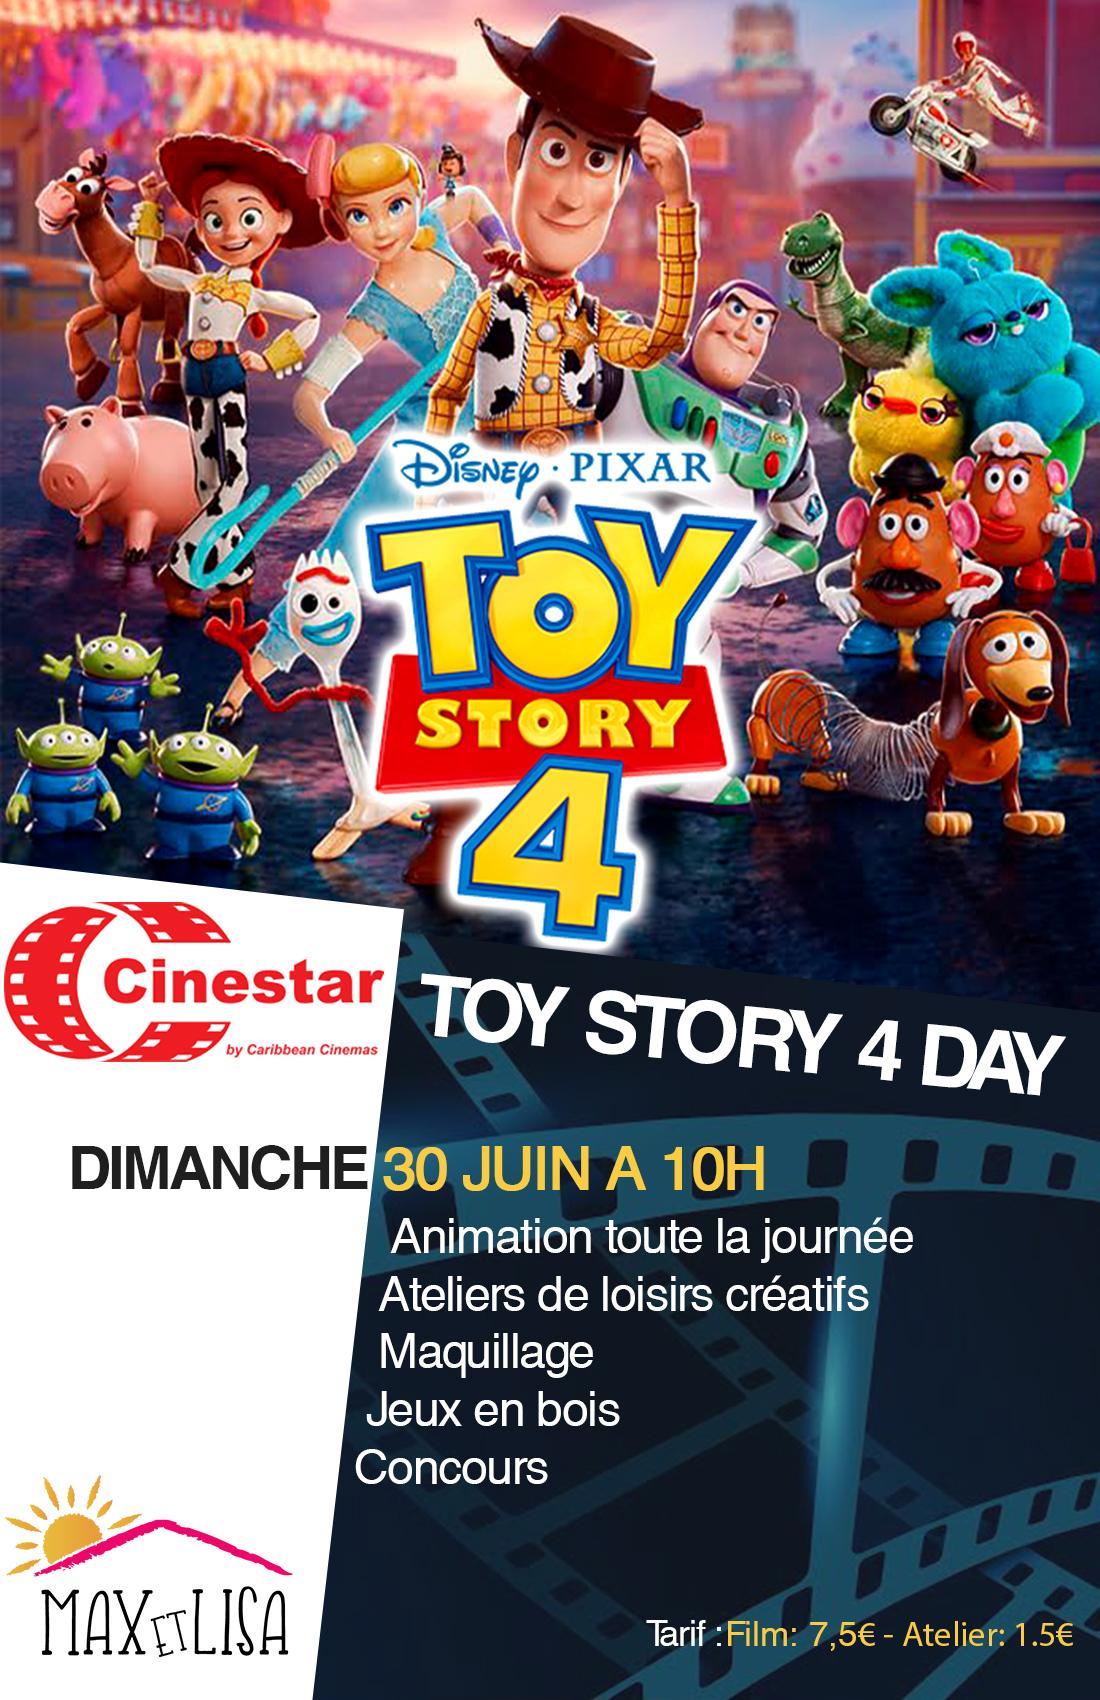 Concours TOY STORY 4 ! 2 places à gagner pour l'anniversaire du Cinestar du 28 au 30 juin